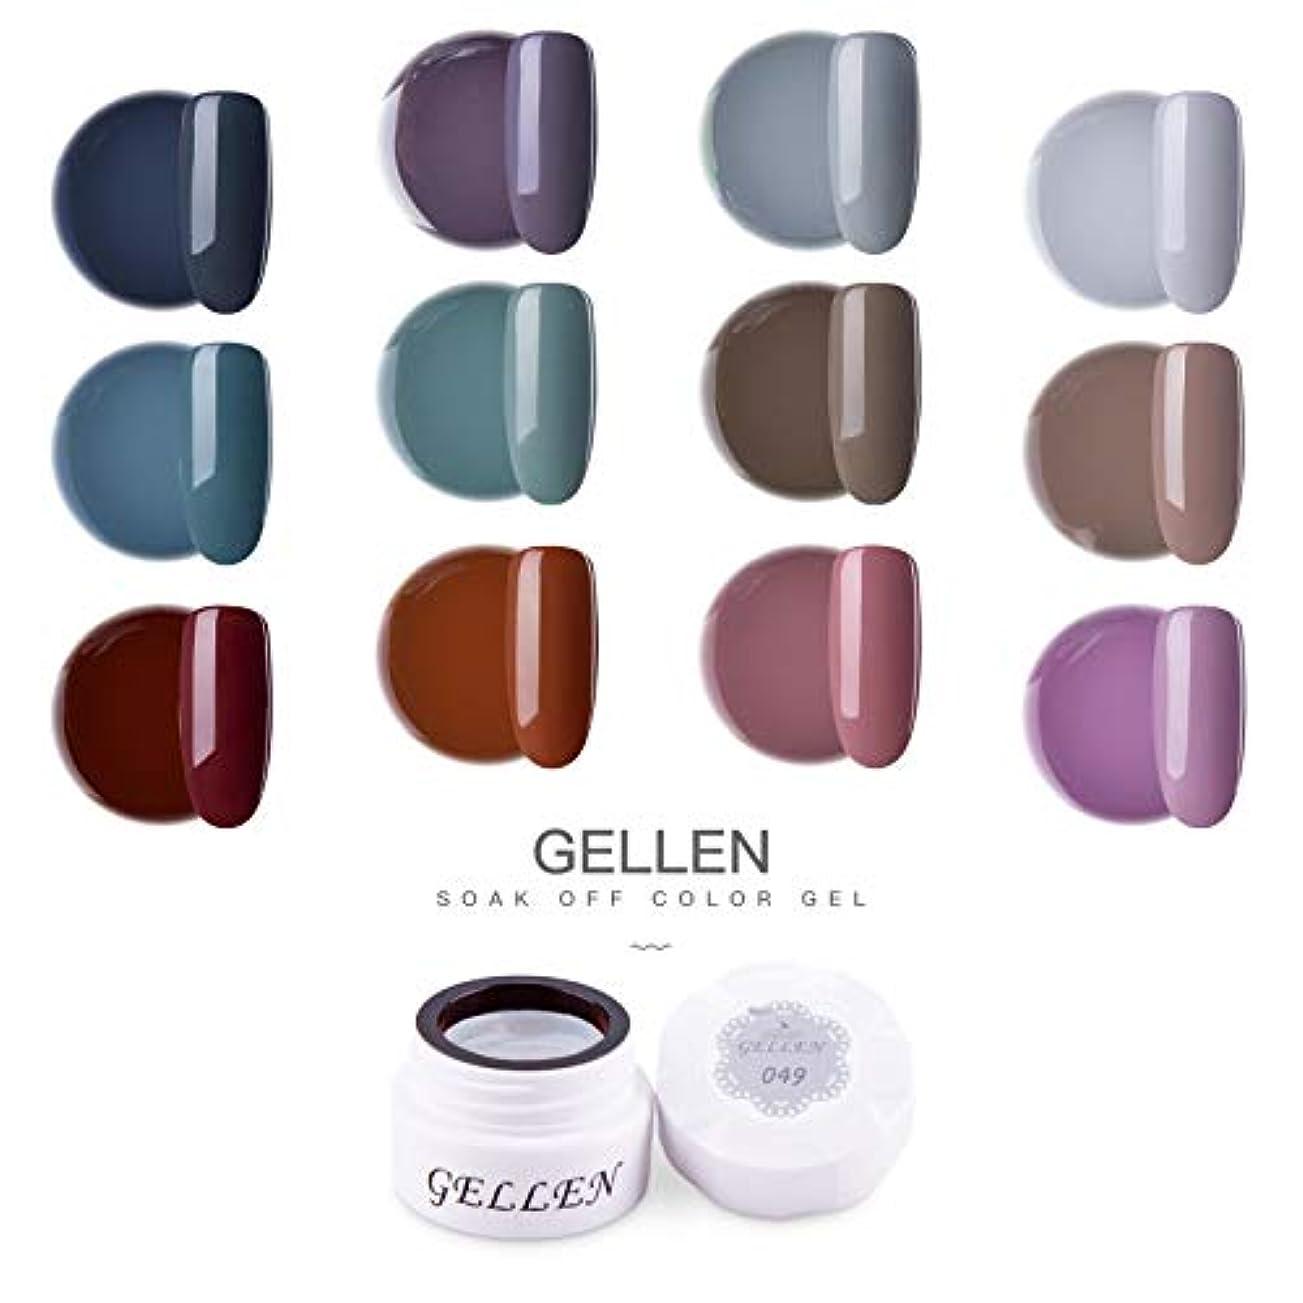 印をつける余計な純粋なGellen カラージェル 12色 セット[クラッシク シリーズ]高品質 5g ジェルネイル カラー ネイルブラシ付き